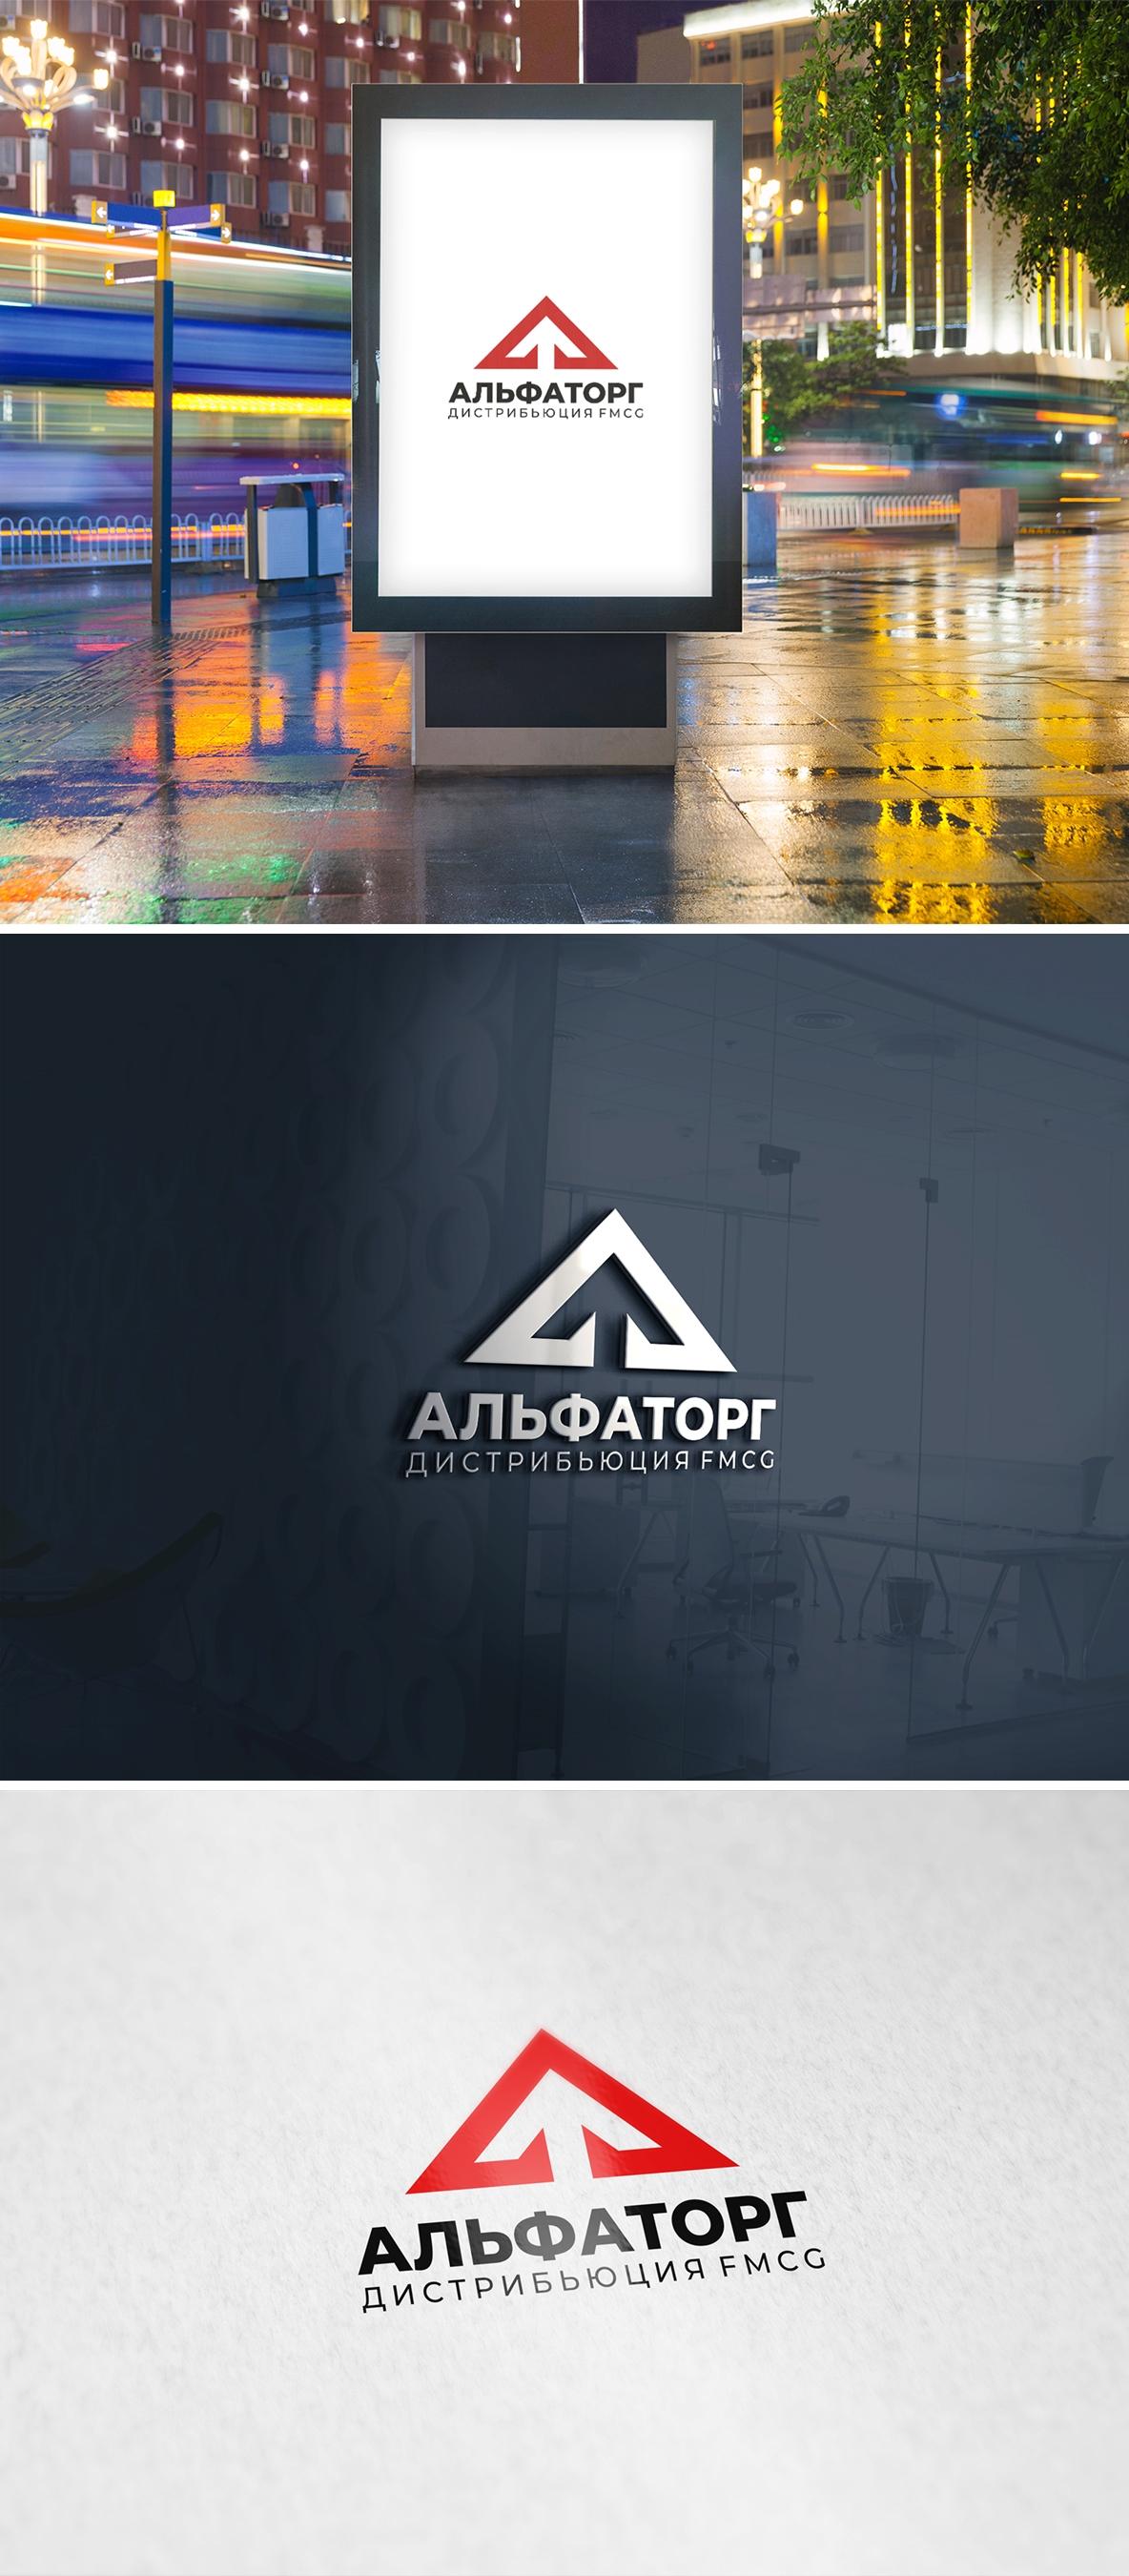 Логотип и фирменный стиль фото f_0655eff419fa3f6d.jpg